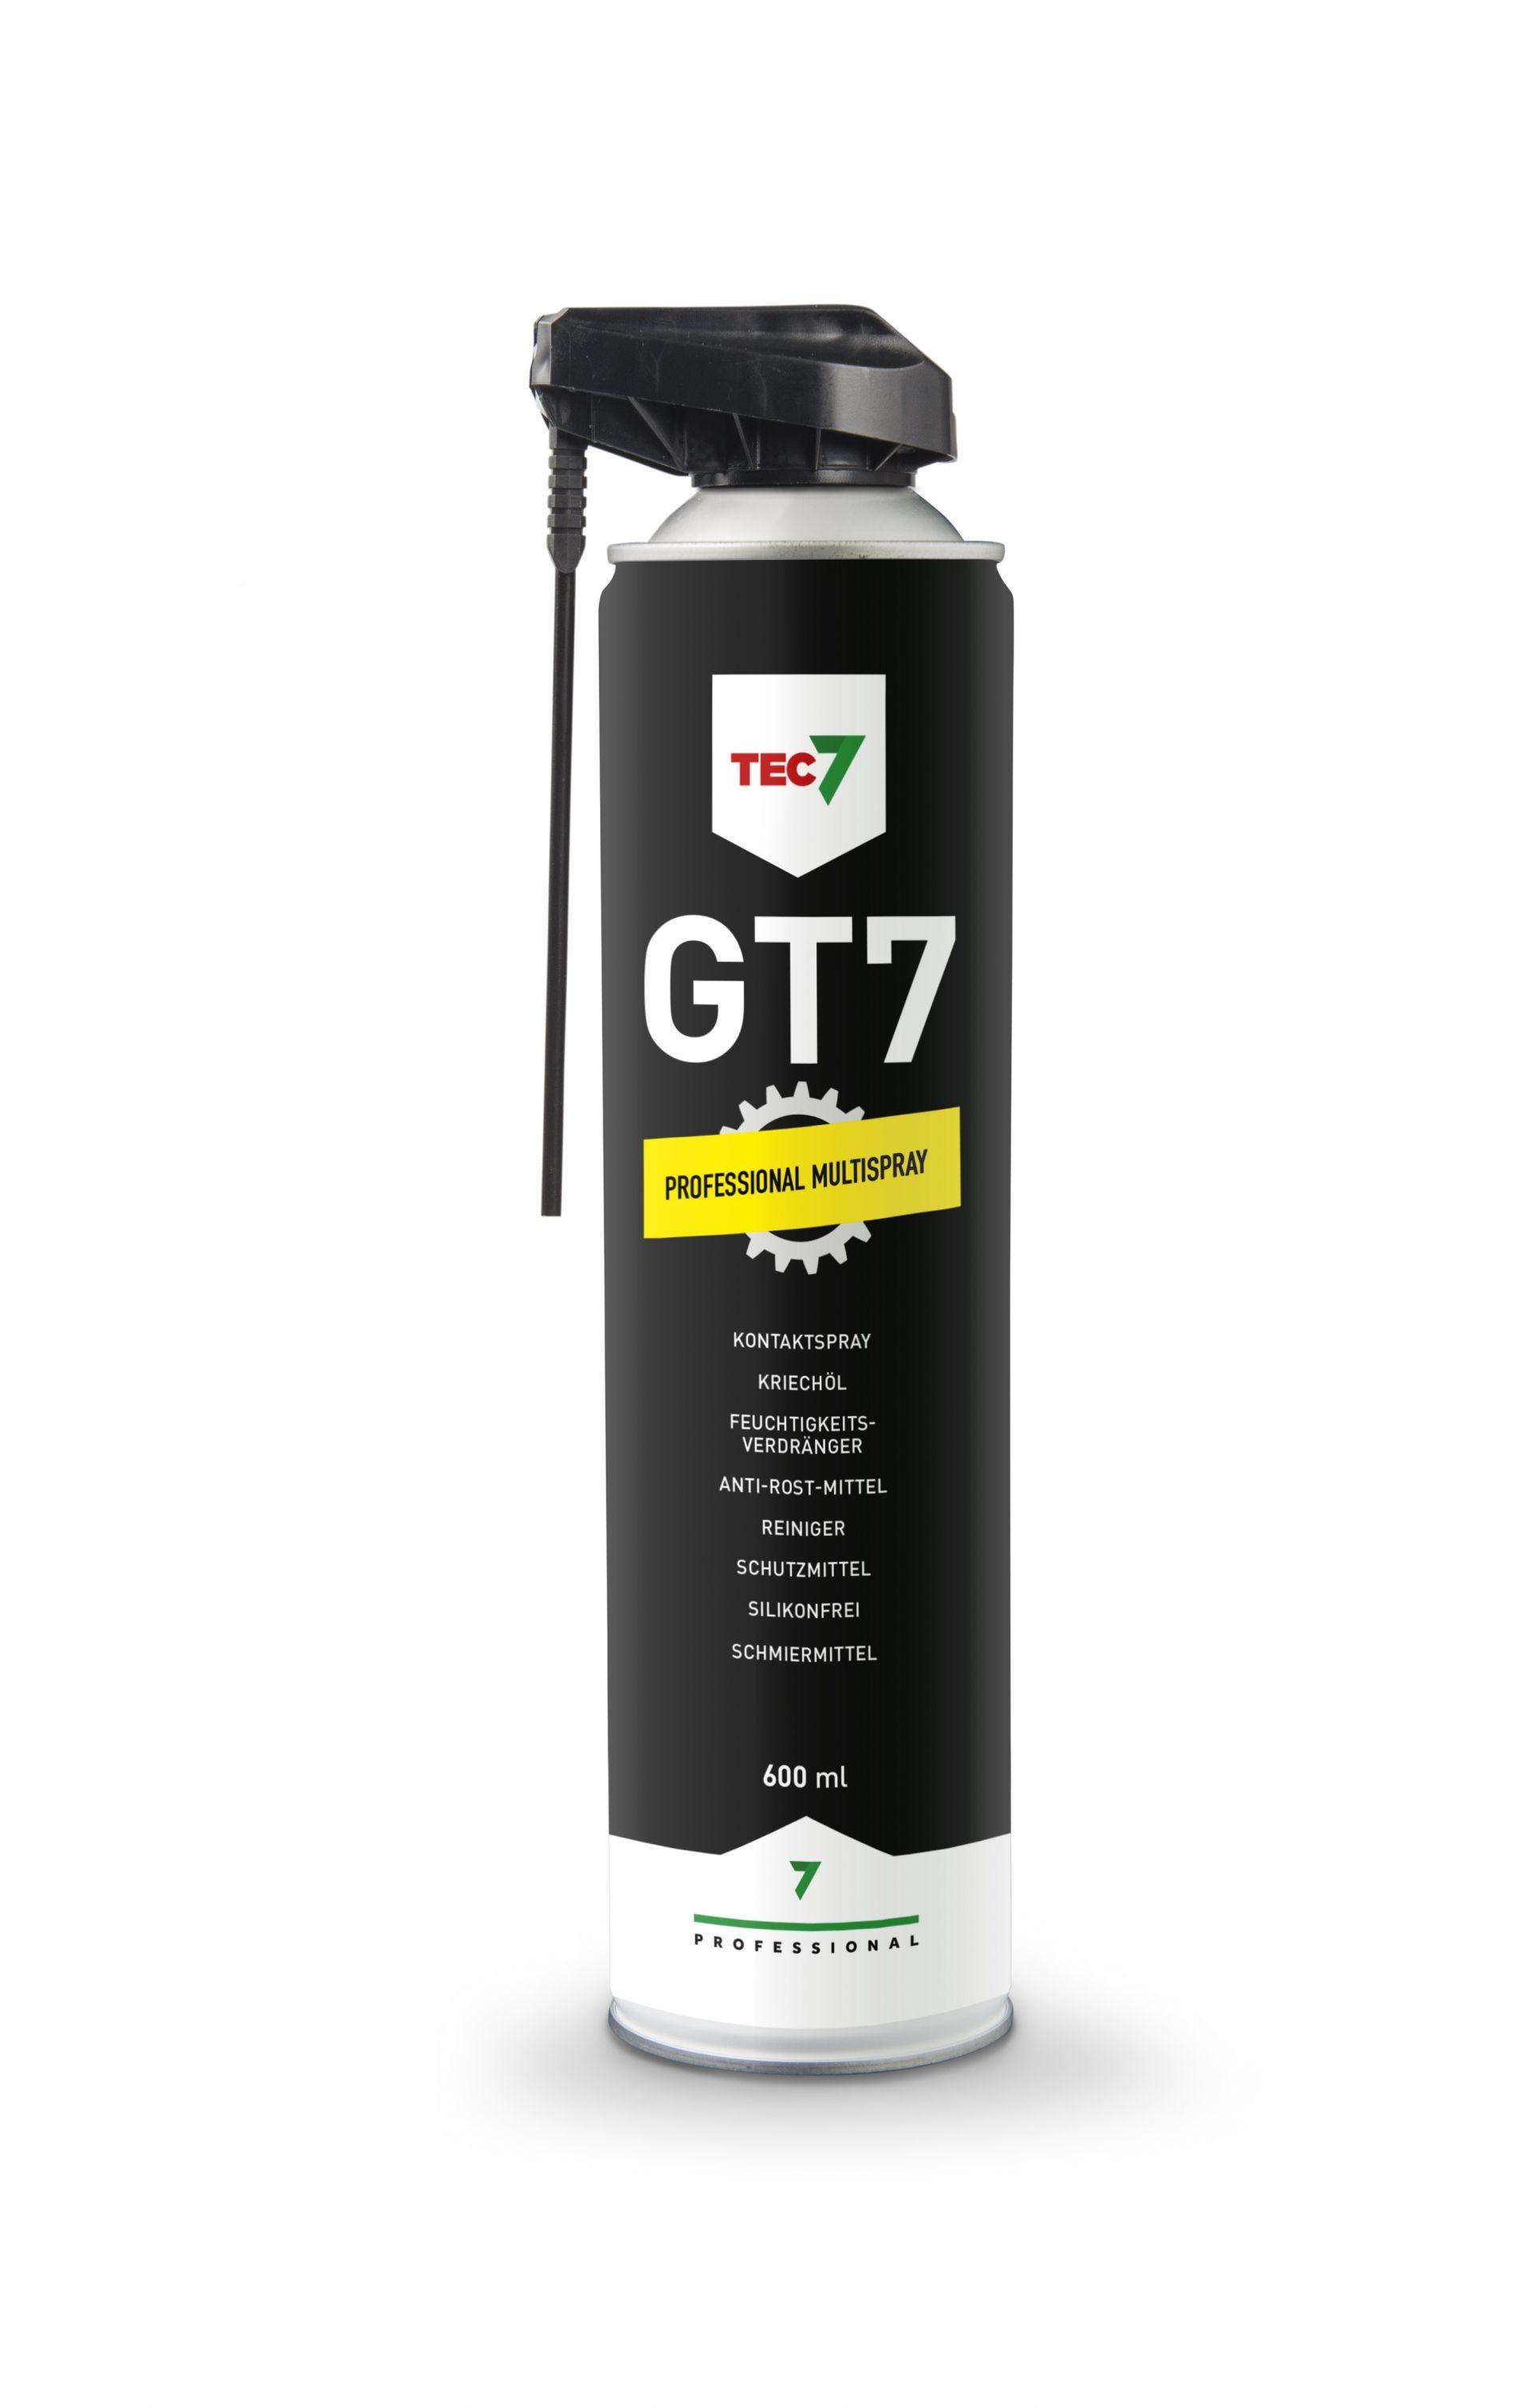 GT7 - Reiniger, Schutzmittel, Feuchtigkeitsverdränger, Kontaktspray